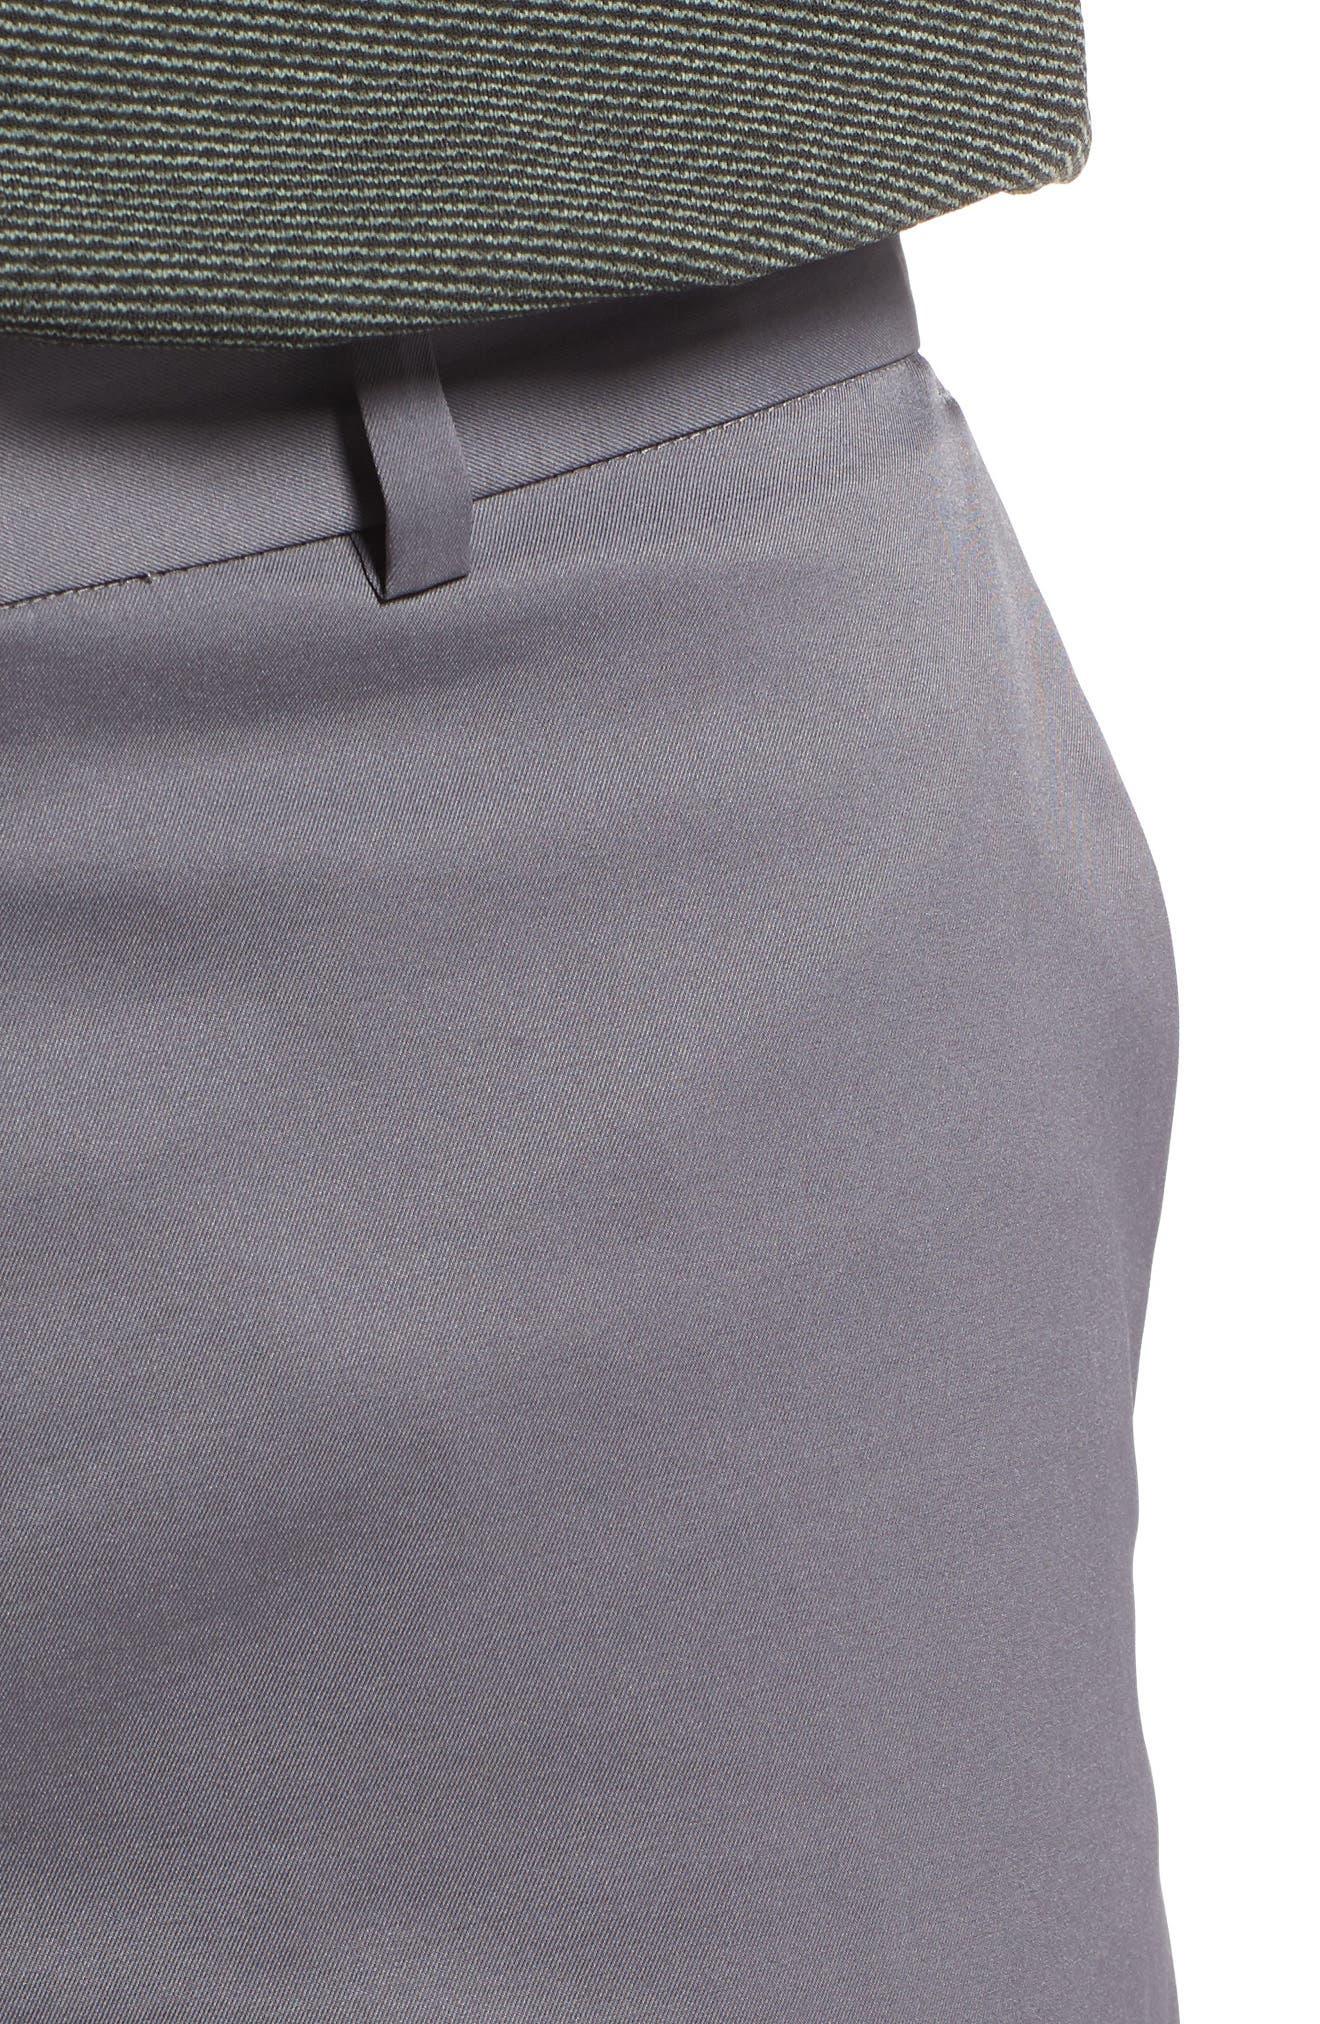 Flat Front Dri-FIT Tech Golf Pants,                             Alternate thumbnail 29, color,